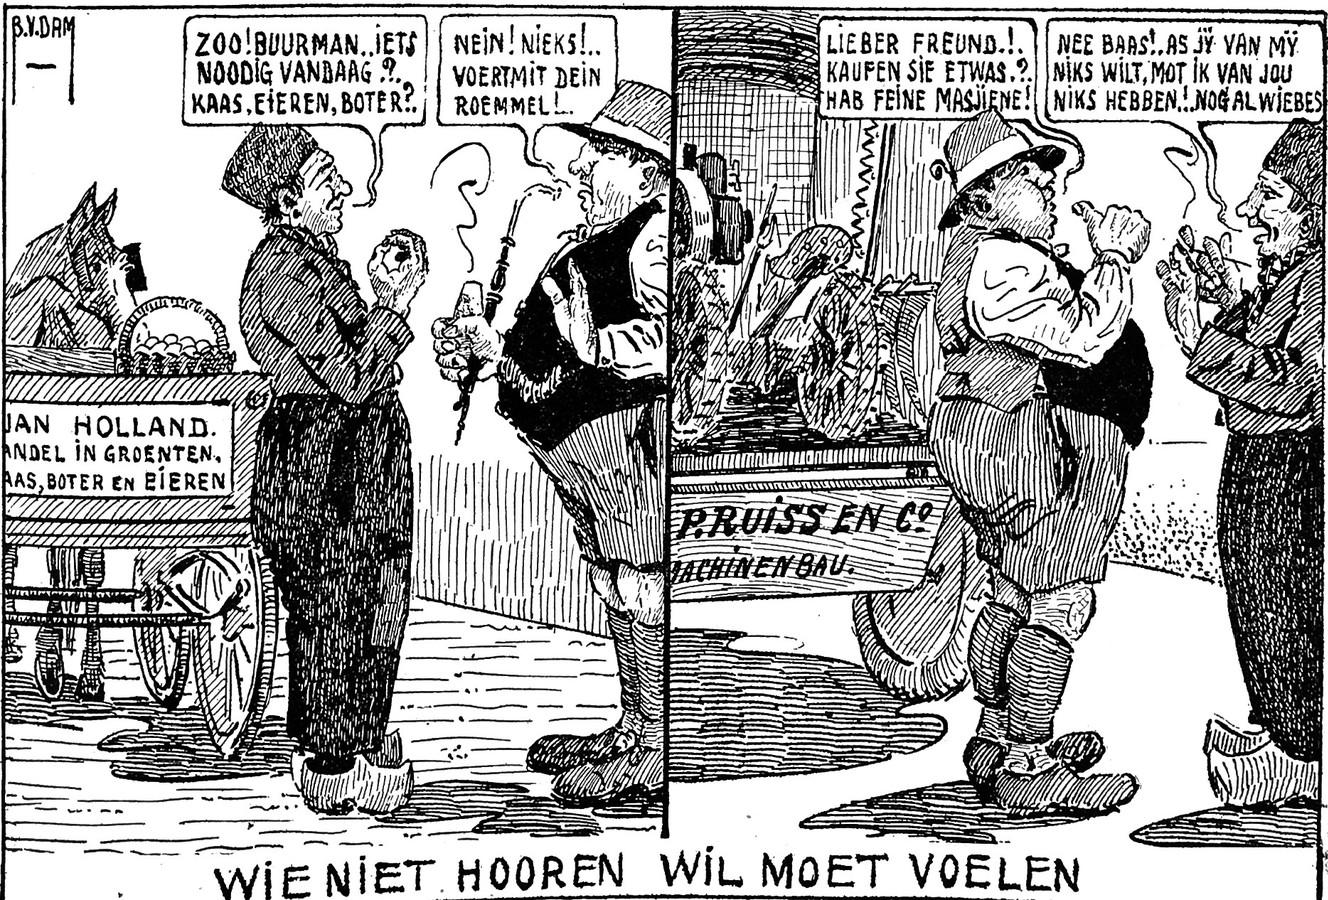 Bernard van Dam voorzag zijn tekeningen ook vaak van commentaar.